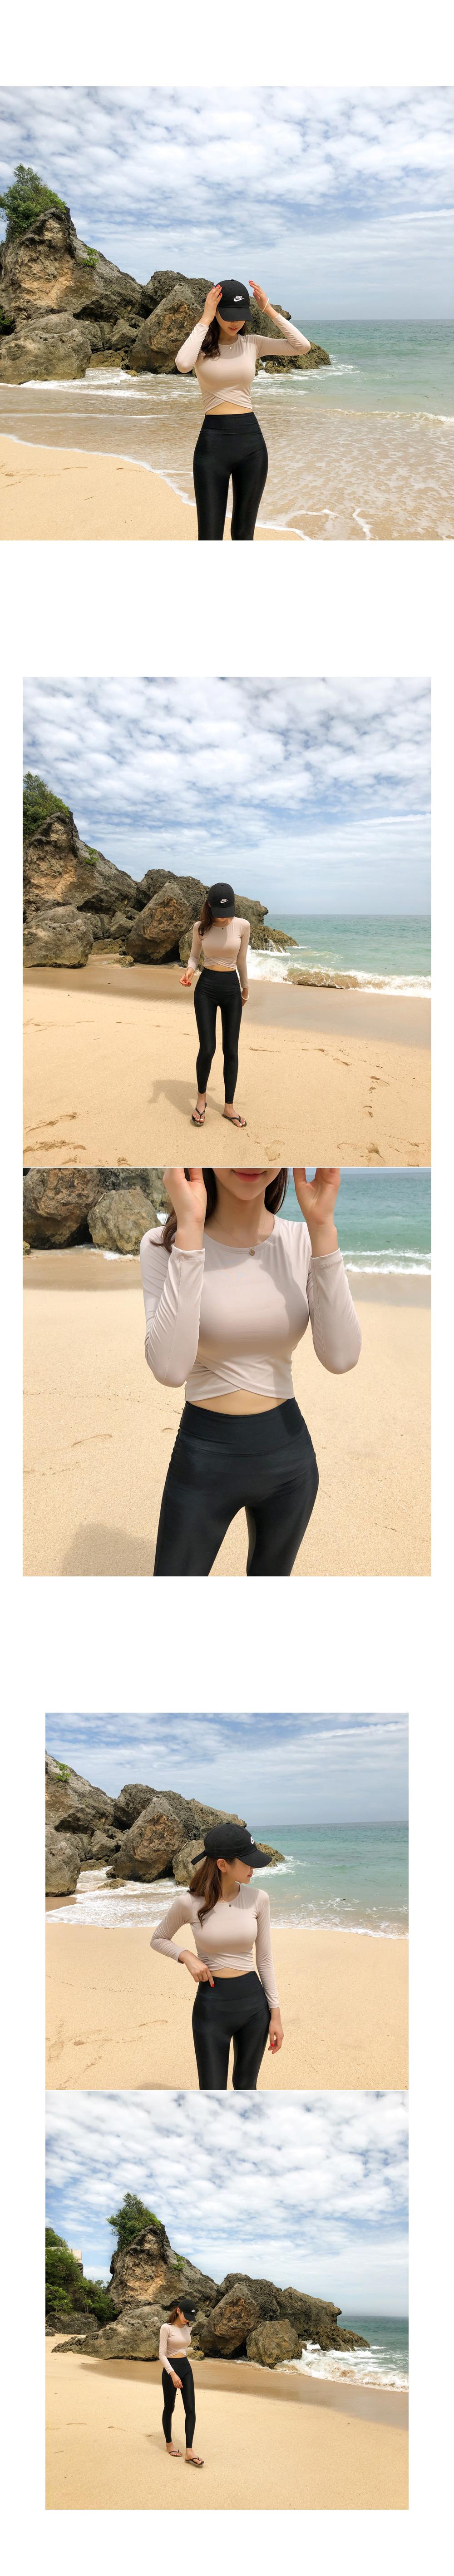 Water leggings